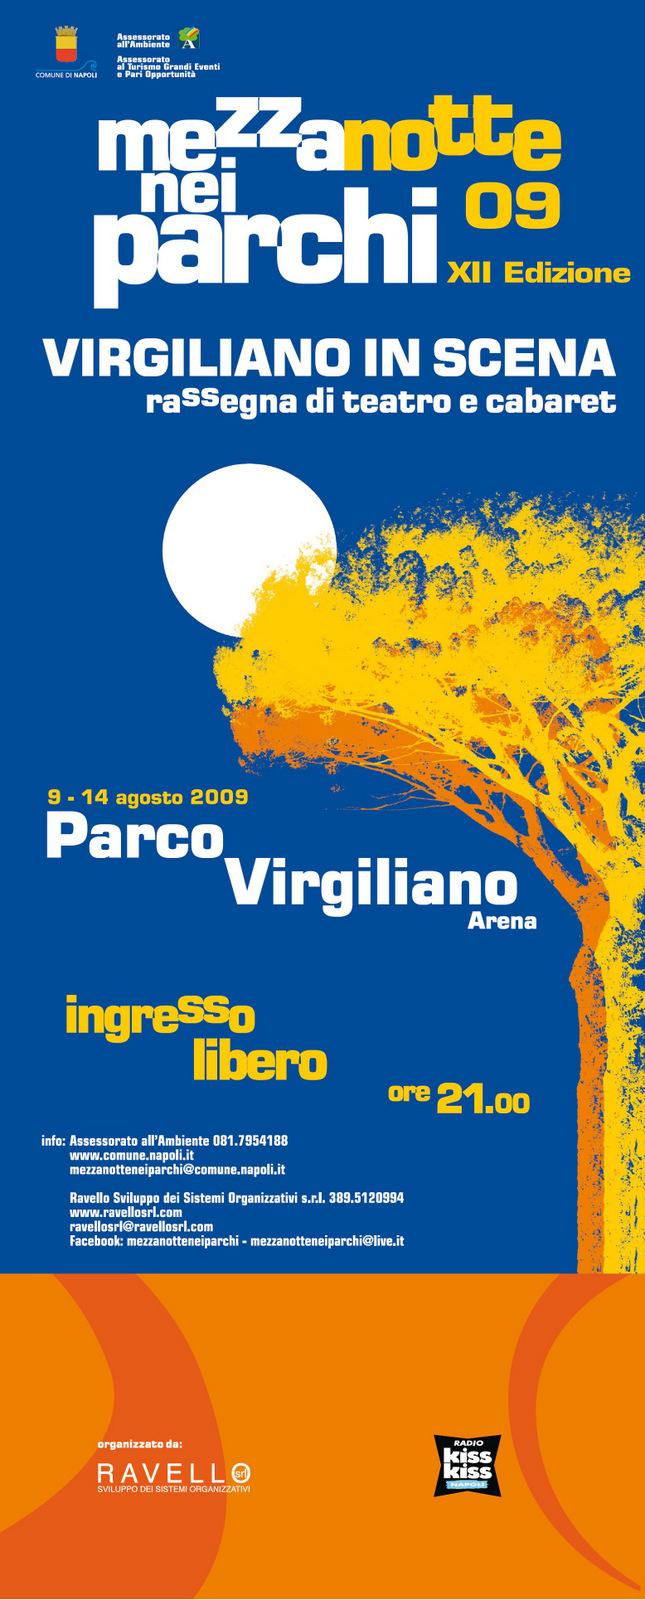 Virgiliano in scena 2009